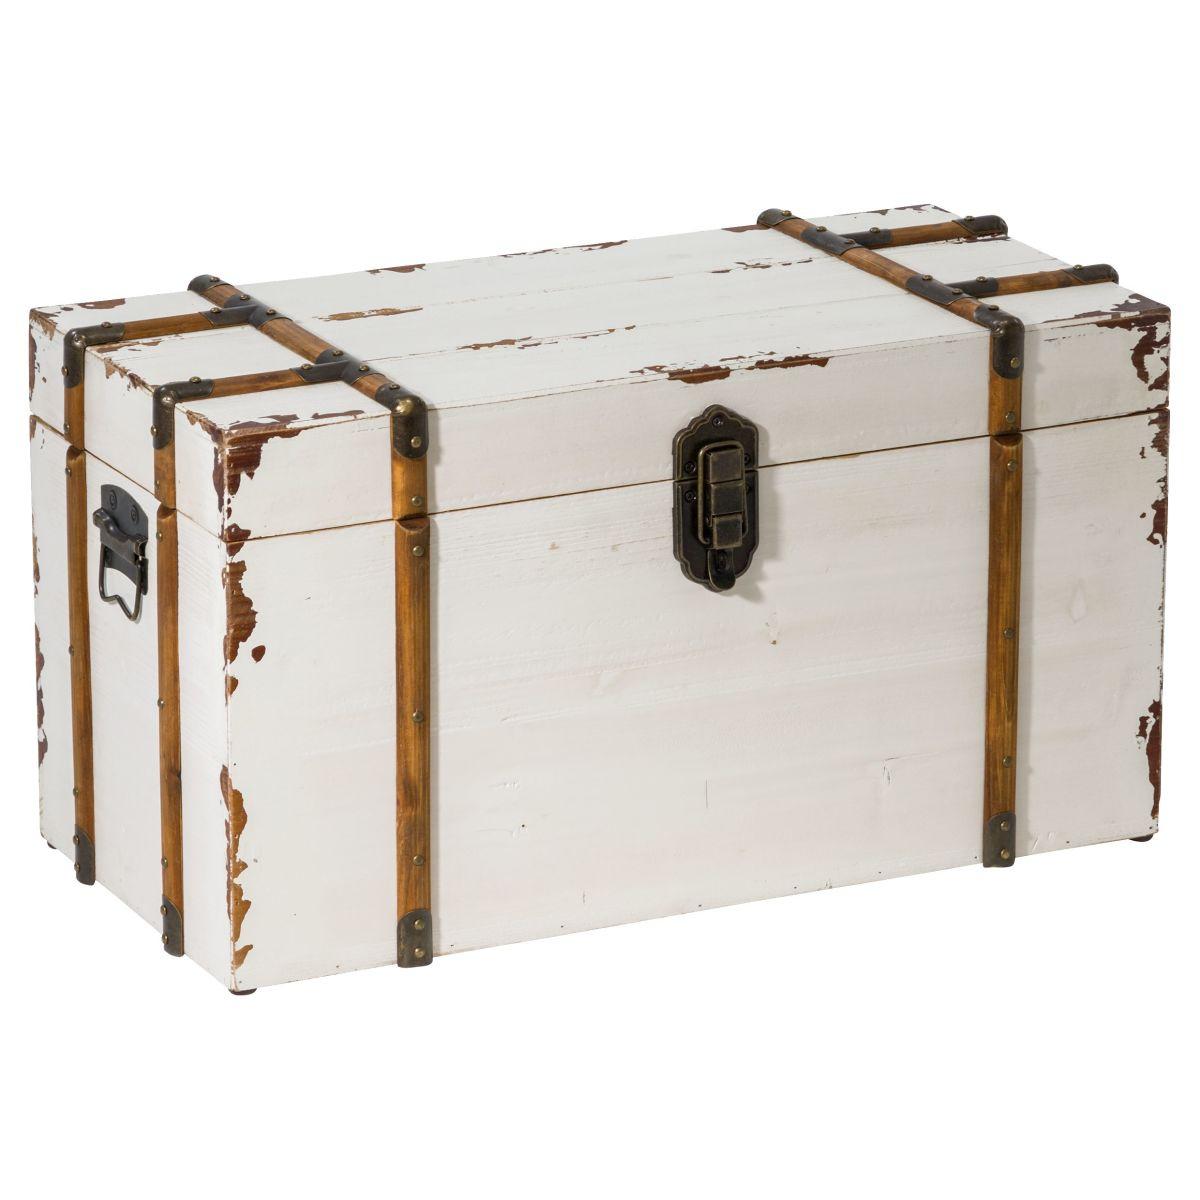 truhe als couchtisch trendy shabby vintage truhe couchtisch holzkiste kiste sofatisch. Black Bedroom Furniture Sets. Home Design Ideas